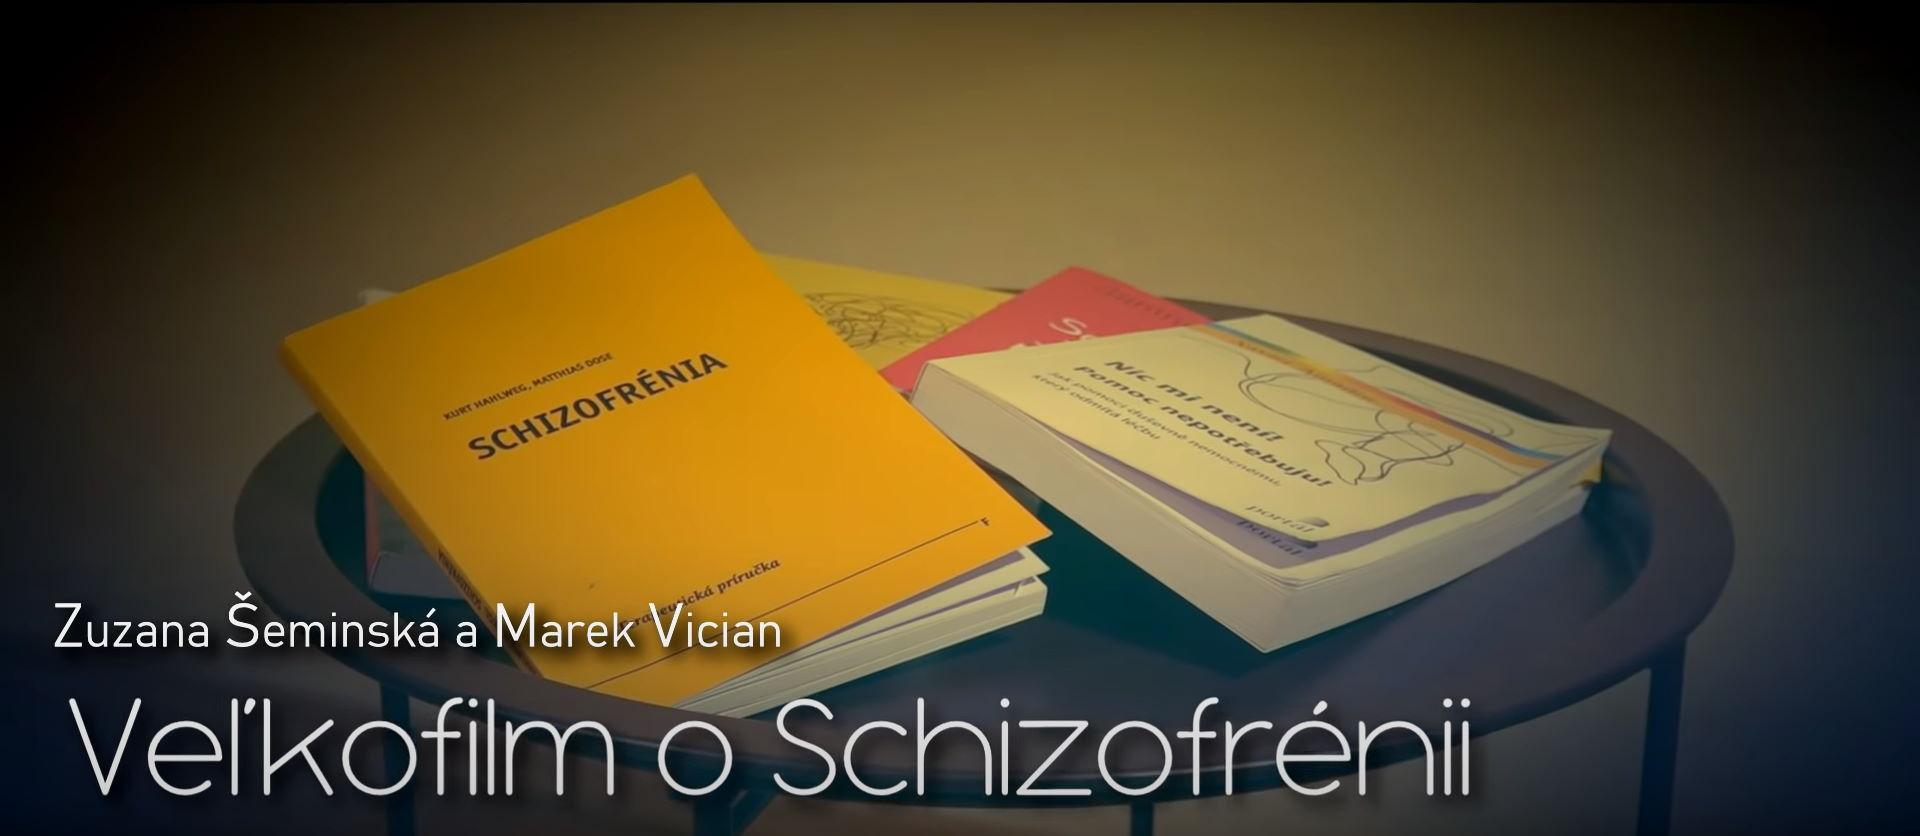 detail clanku Veľkofilm o schizofrénii